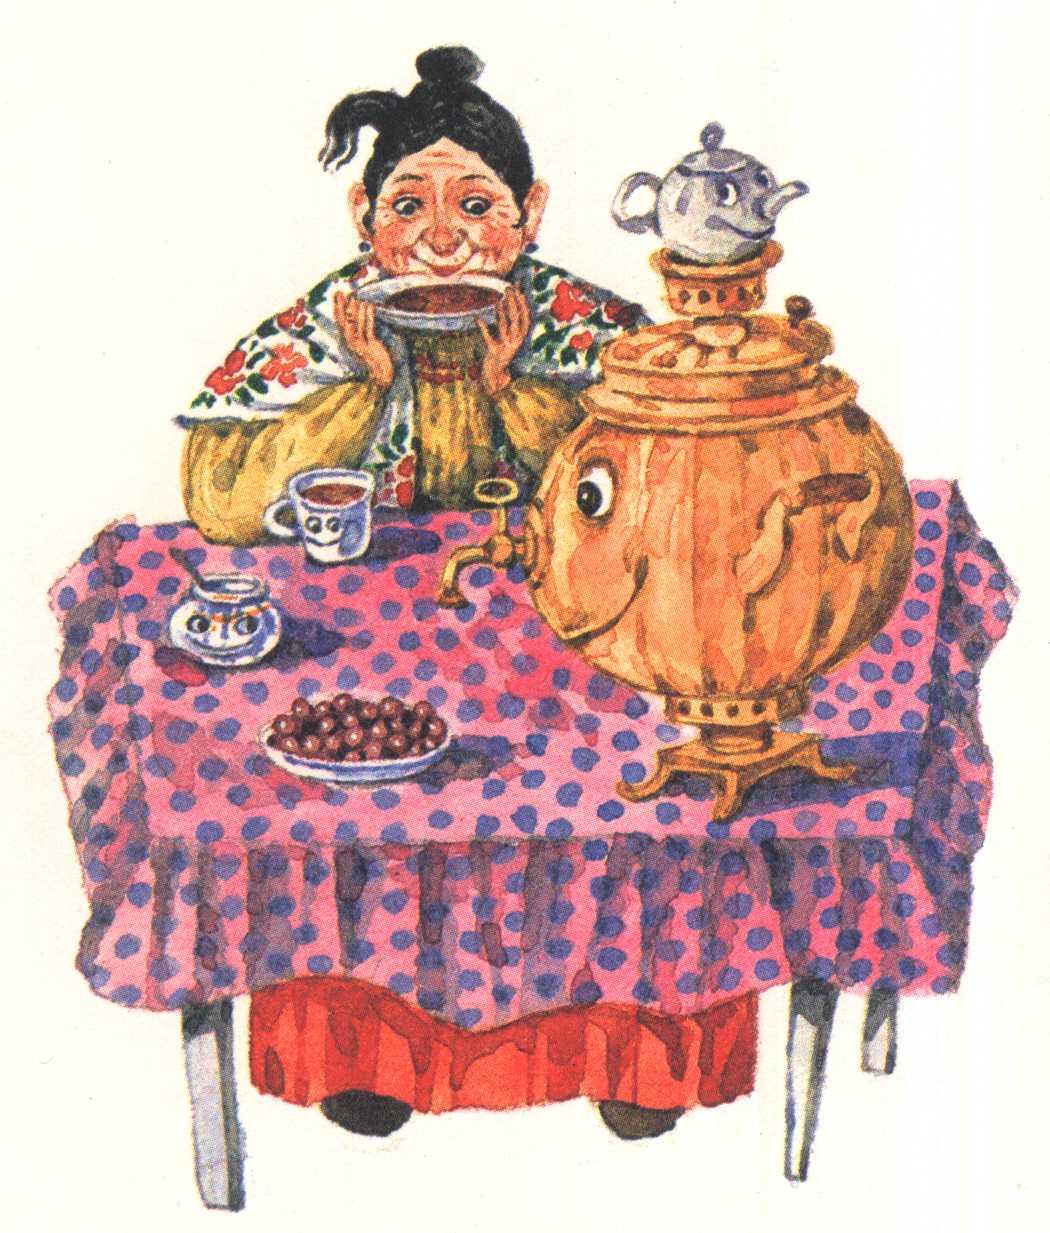 чаепитие картинка рисунок используются как офисах